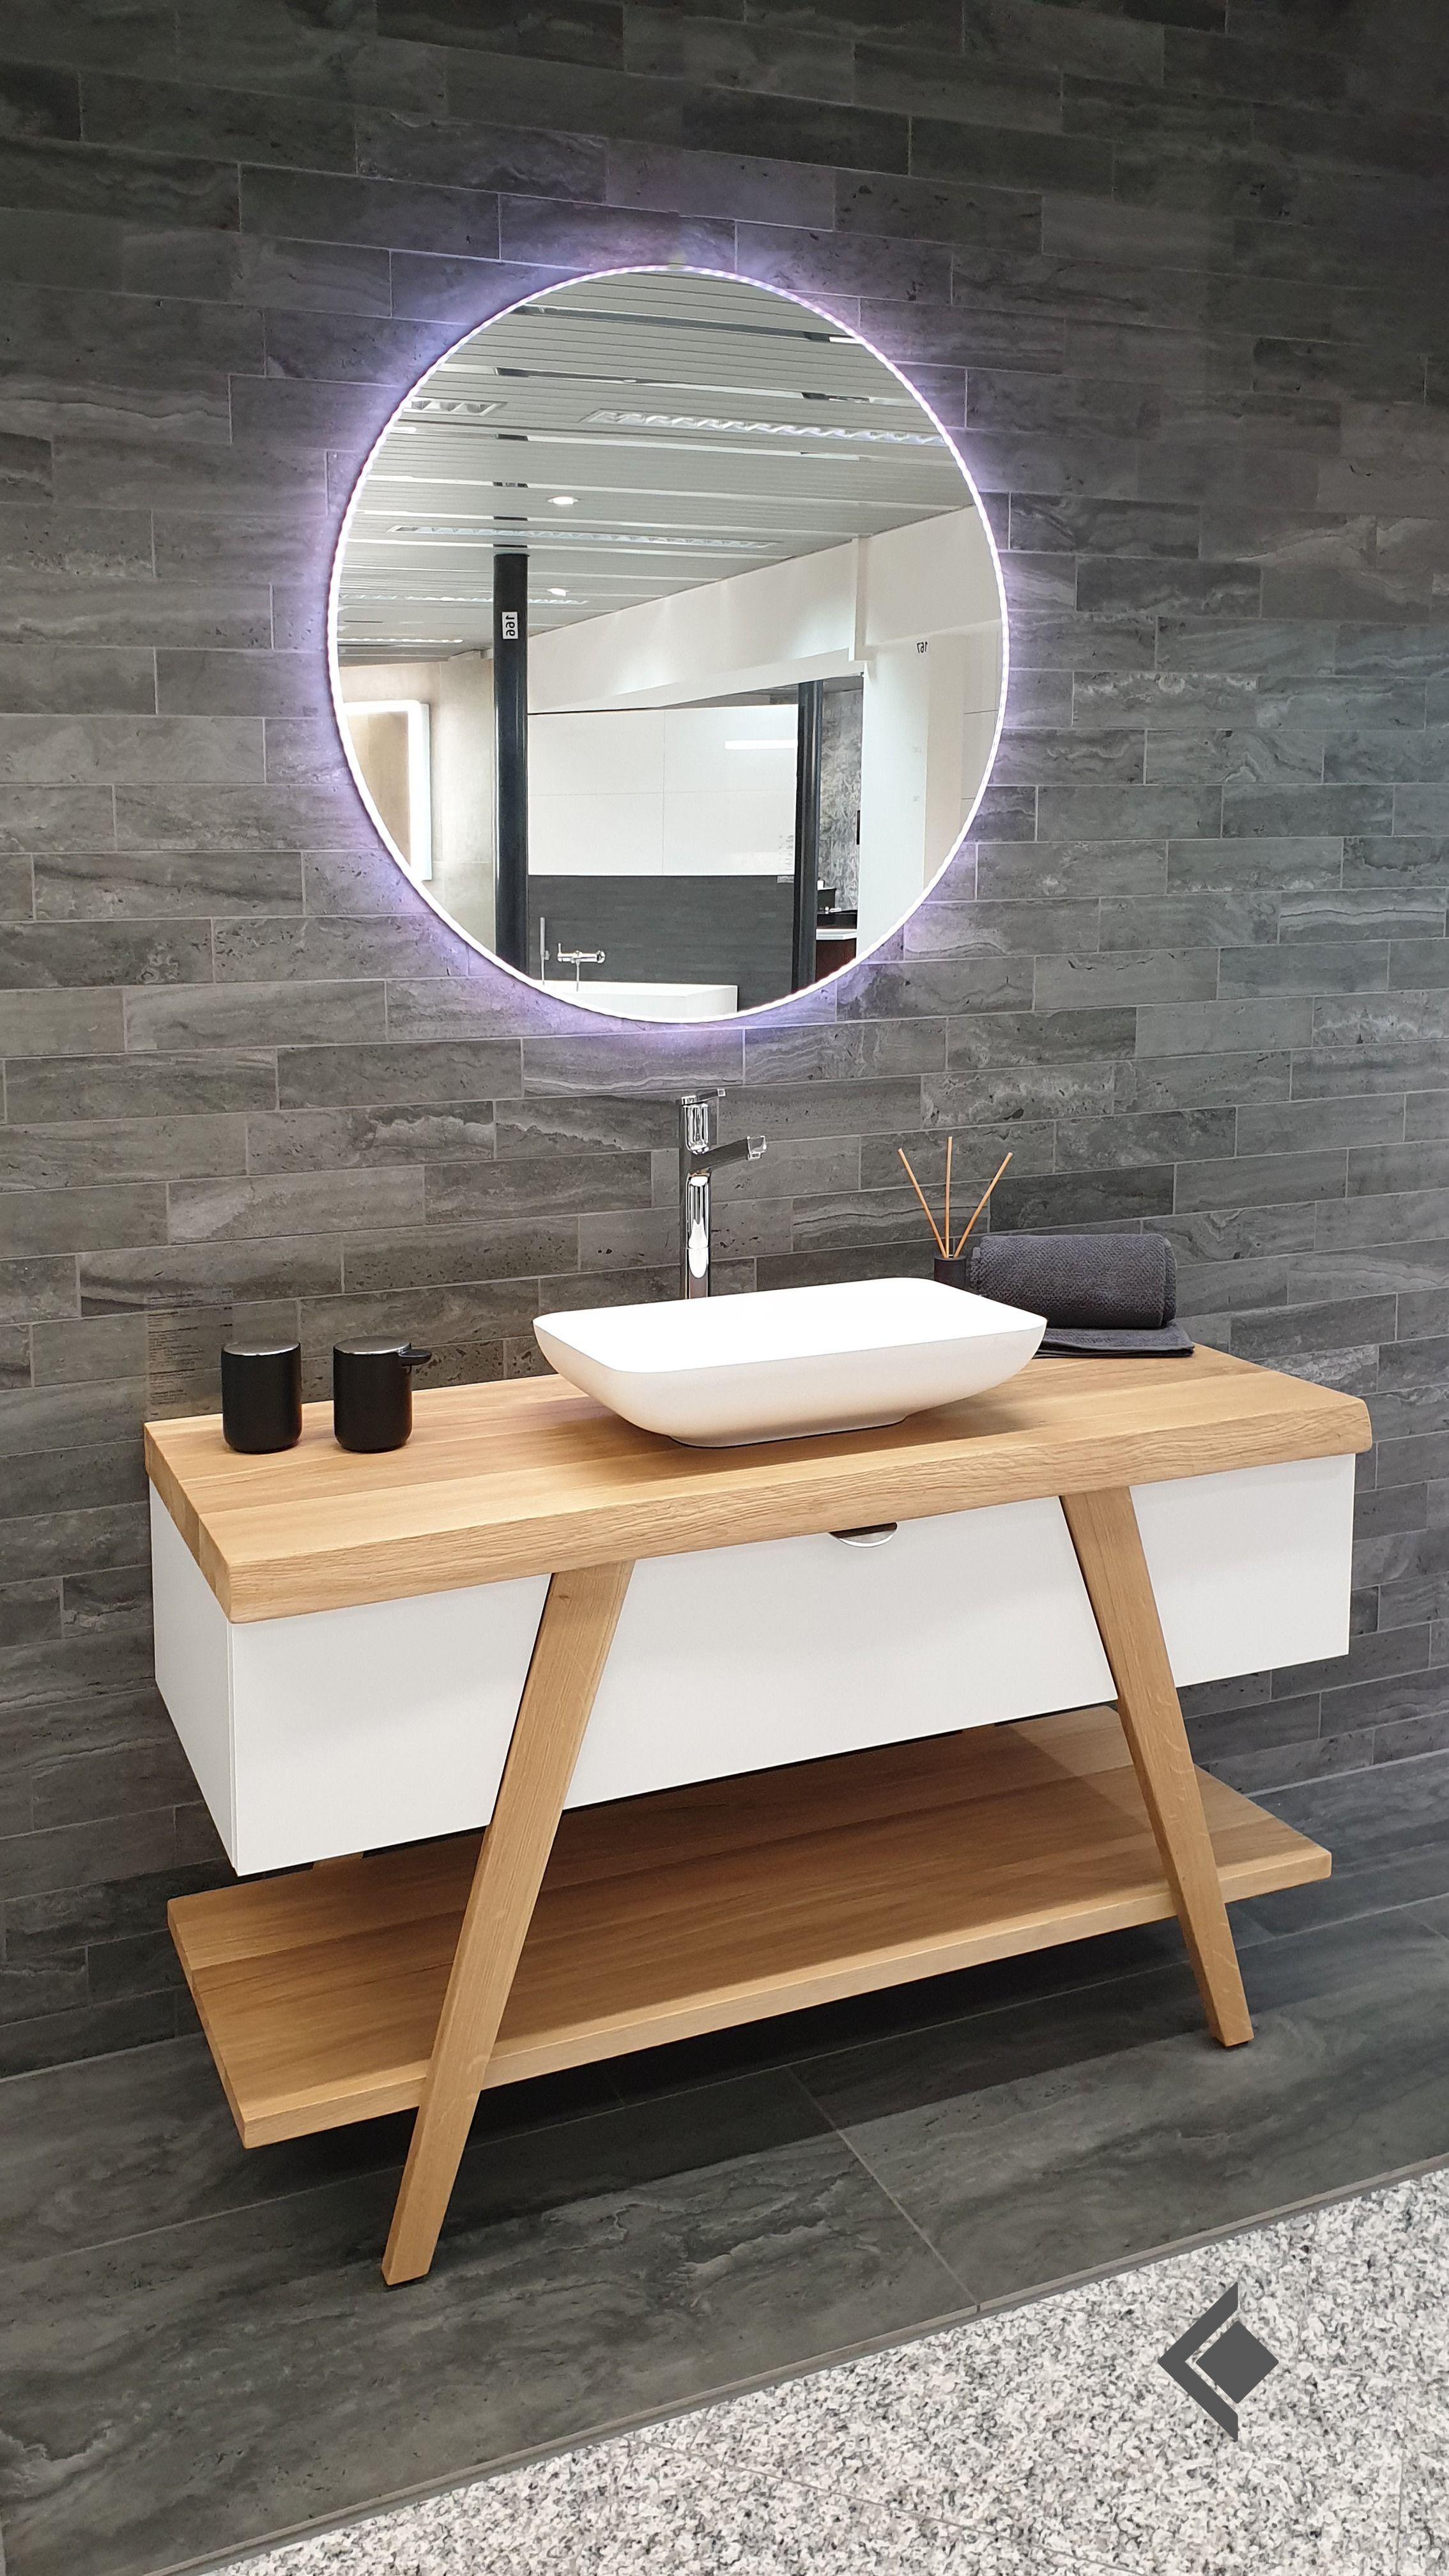 Waschtischmöbel Mit Holzabdeckung Und Auflagebecken Aus